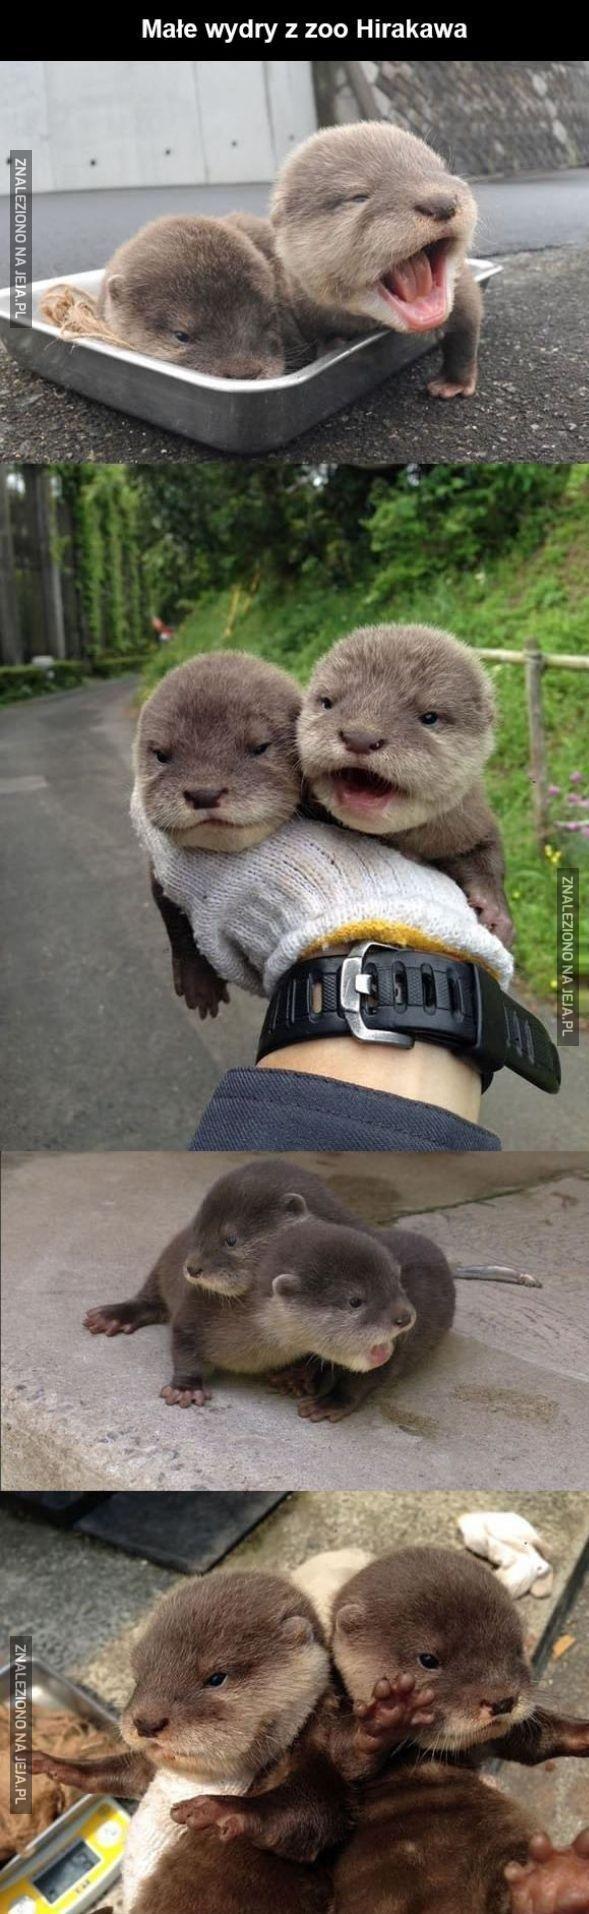 Dwie urocze wydry